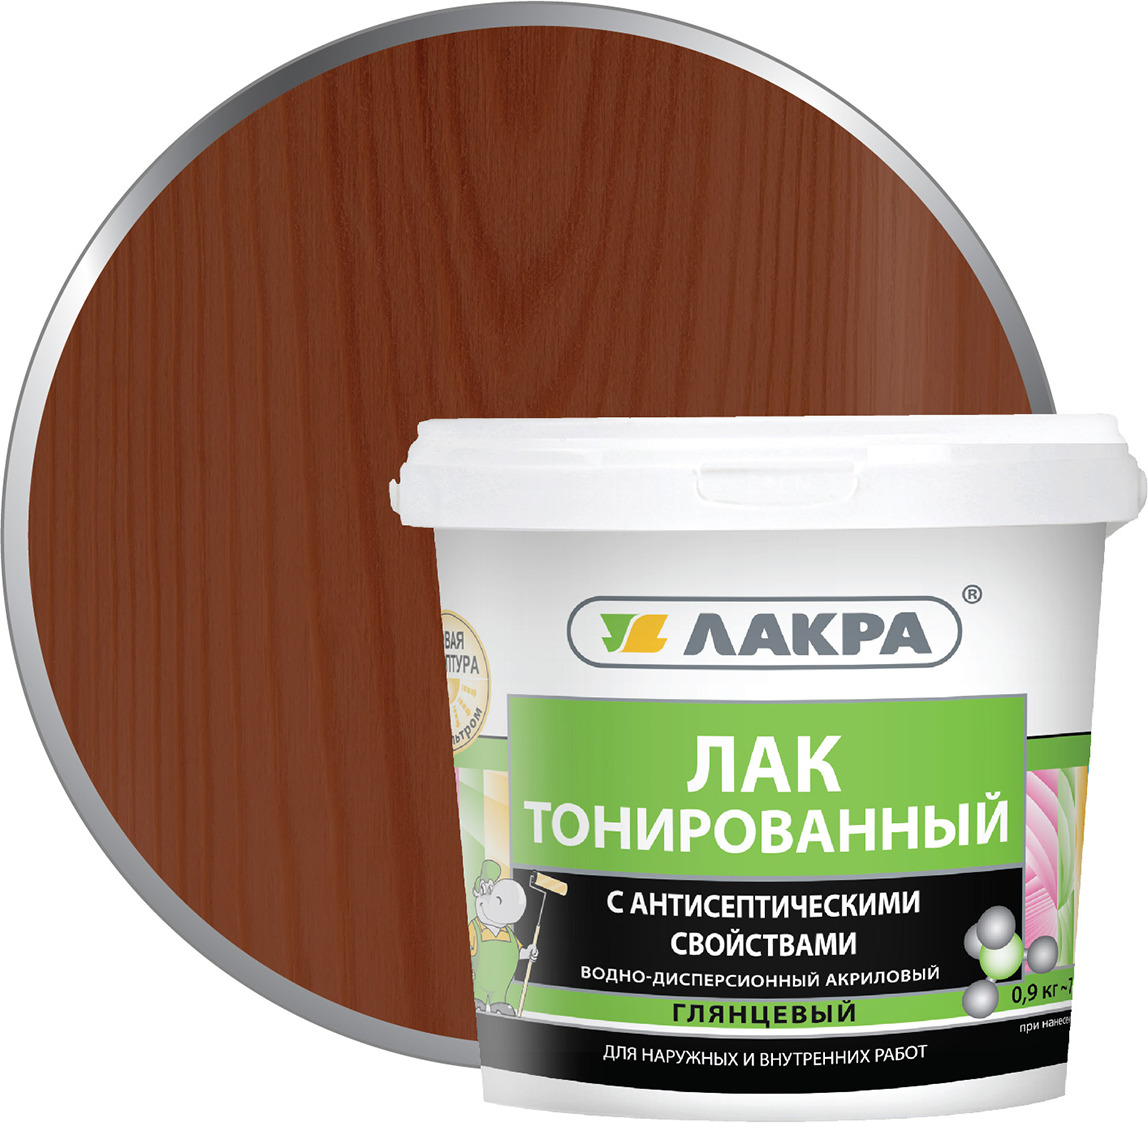 Лак Лакра, водно-дисперсионный, тонированный, 4603292005690, махагон, 0.9 кг добавка противоморозная лакра в бетон 5л